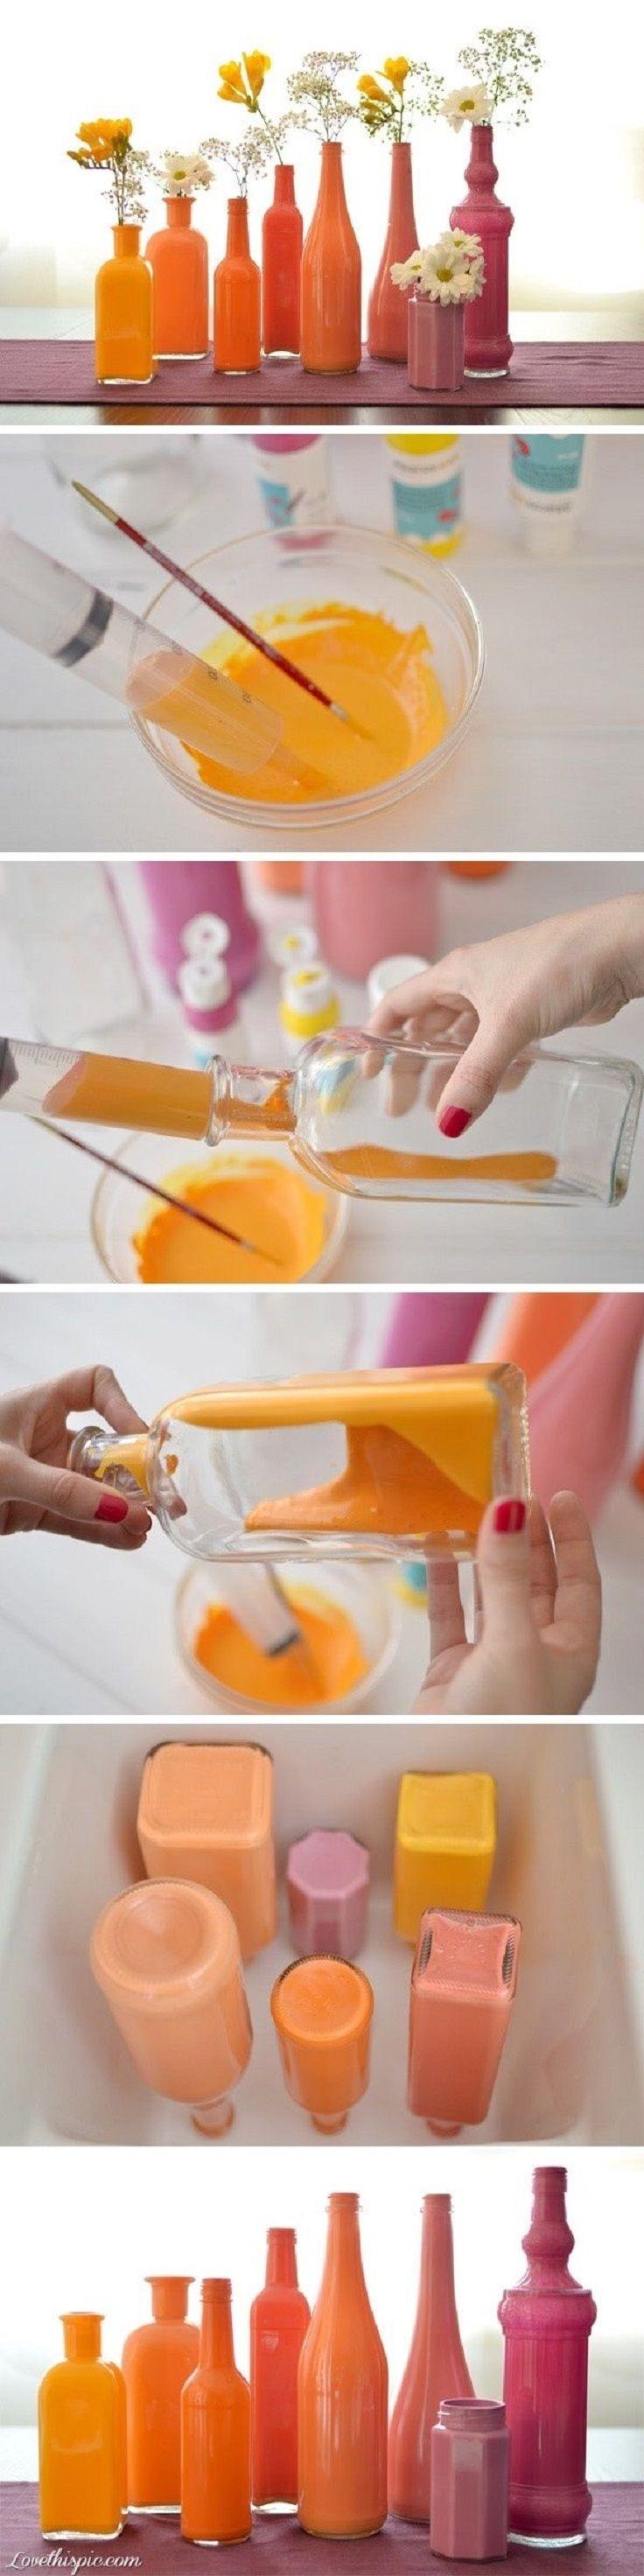 Faça belos vasos para suas flores! Reúna as garrafas de vidro que você não usa mais e pinte-as com tinta acrílica.: